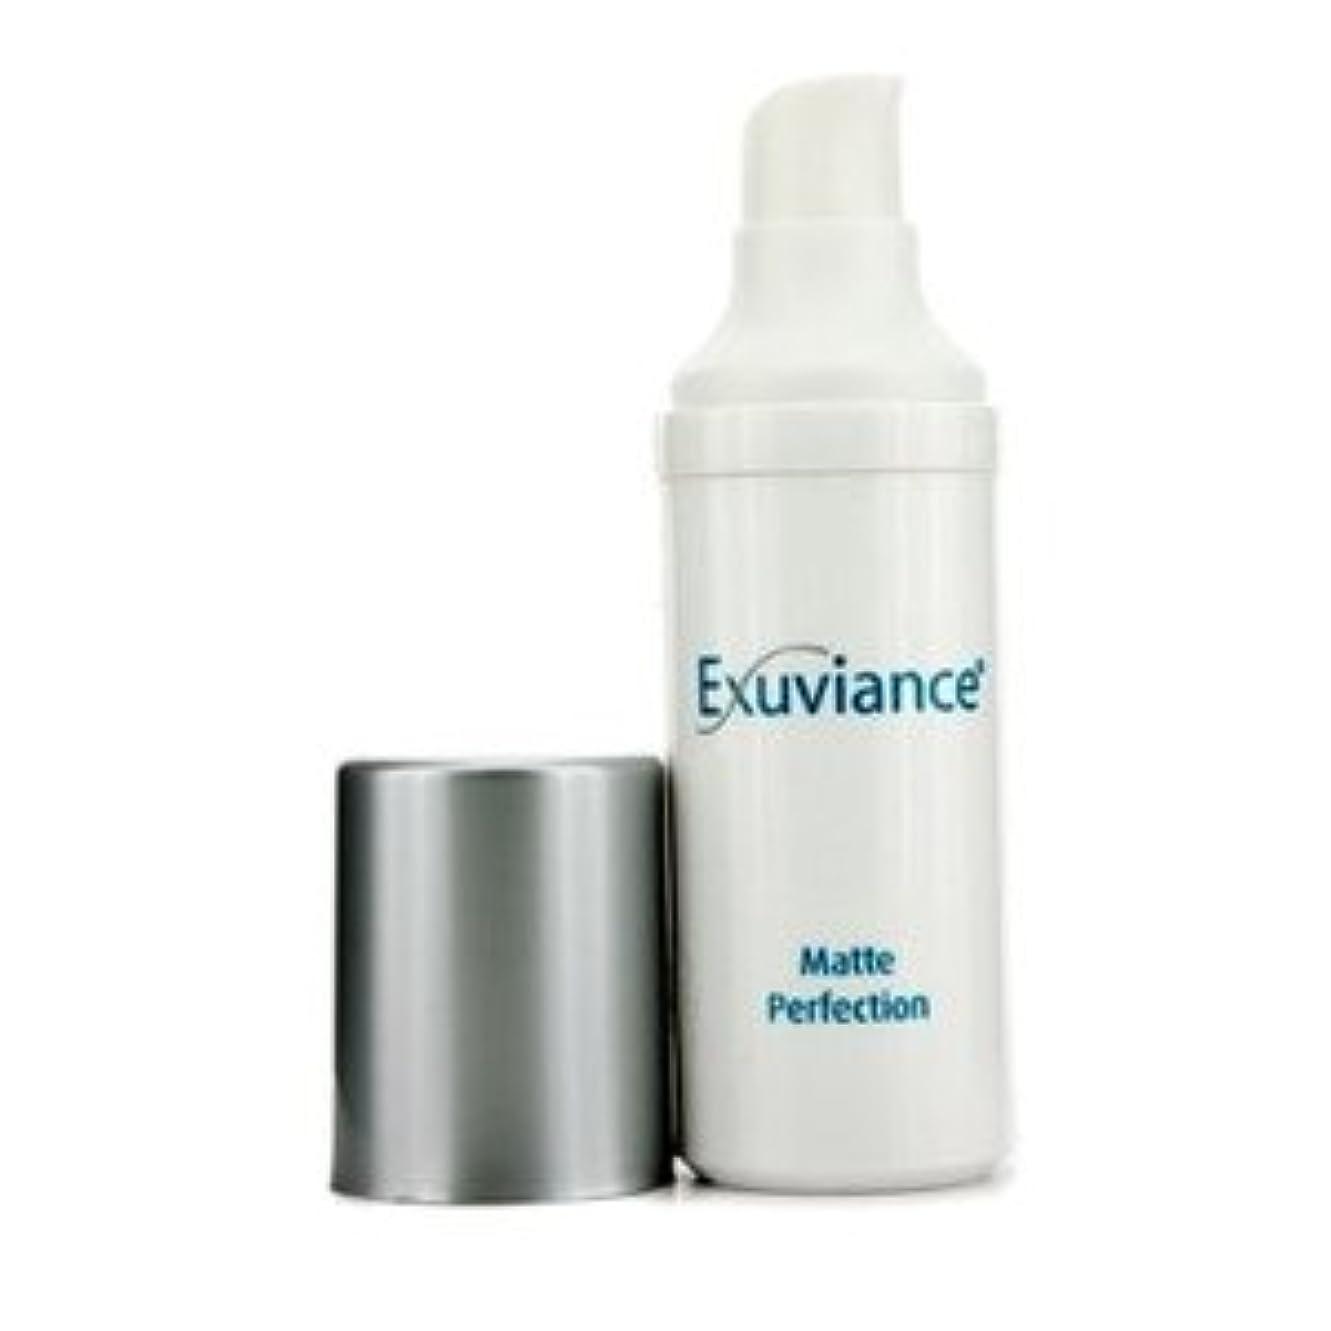 浮く請求可能顕微鏡エクスビアンス(Exuviance) マット パーフェクション 30g/1oz [並行輸入品]